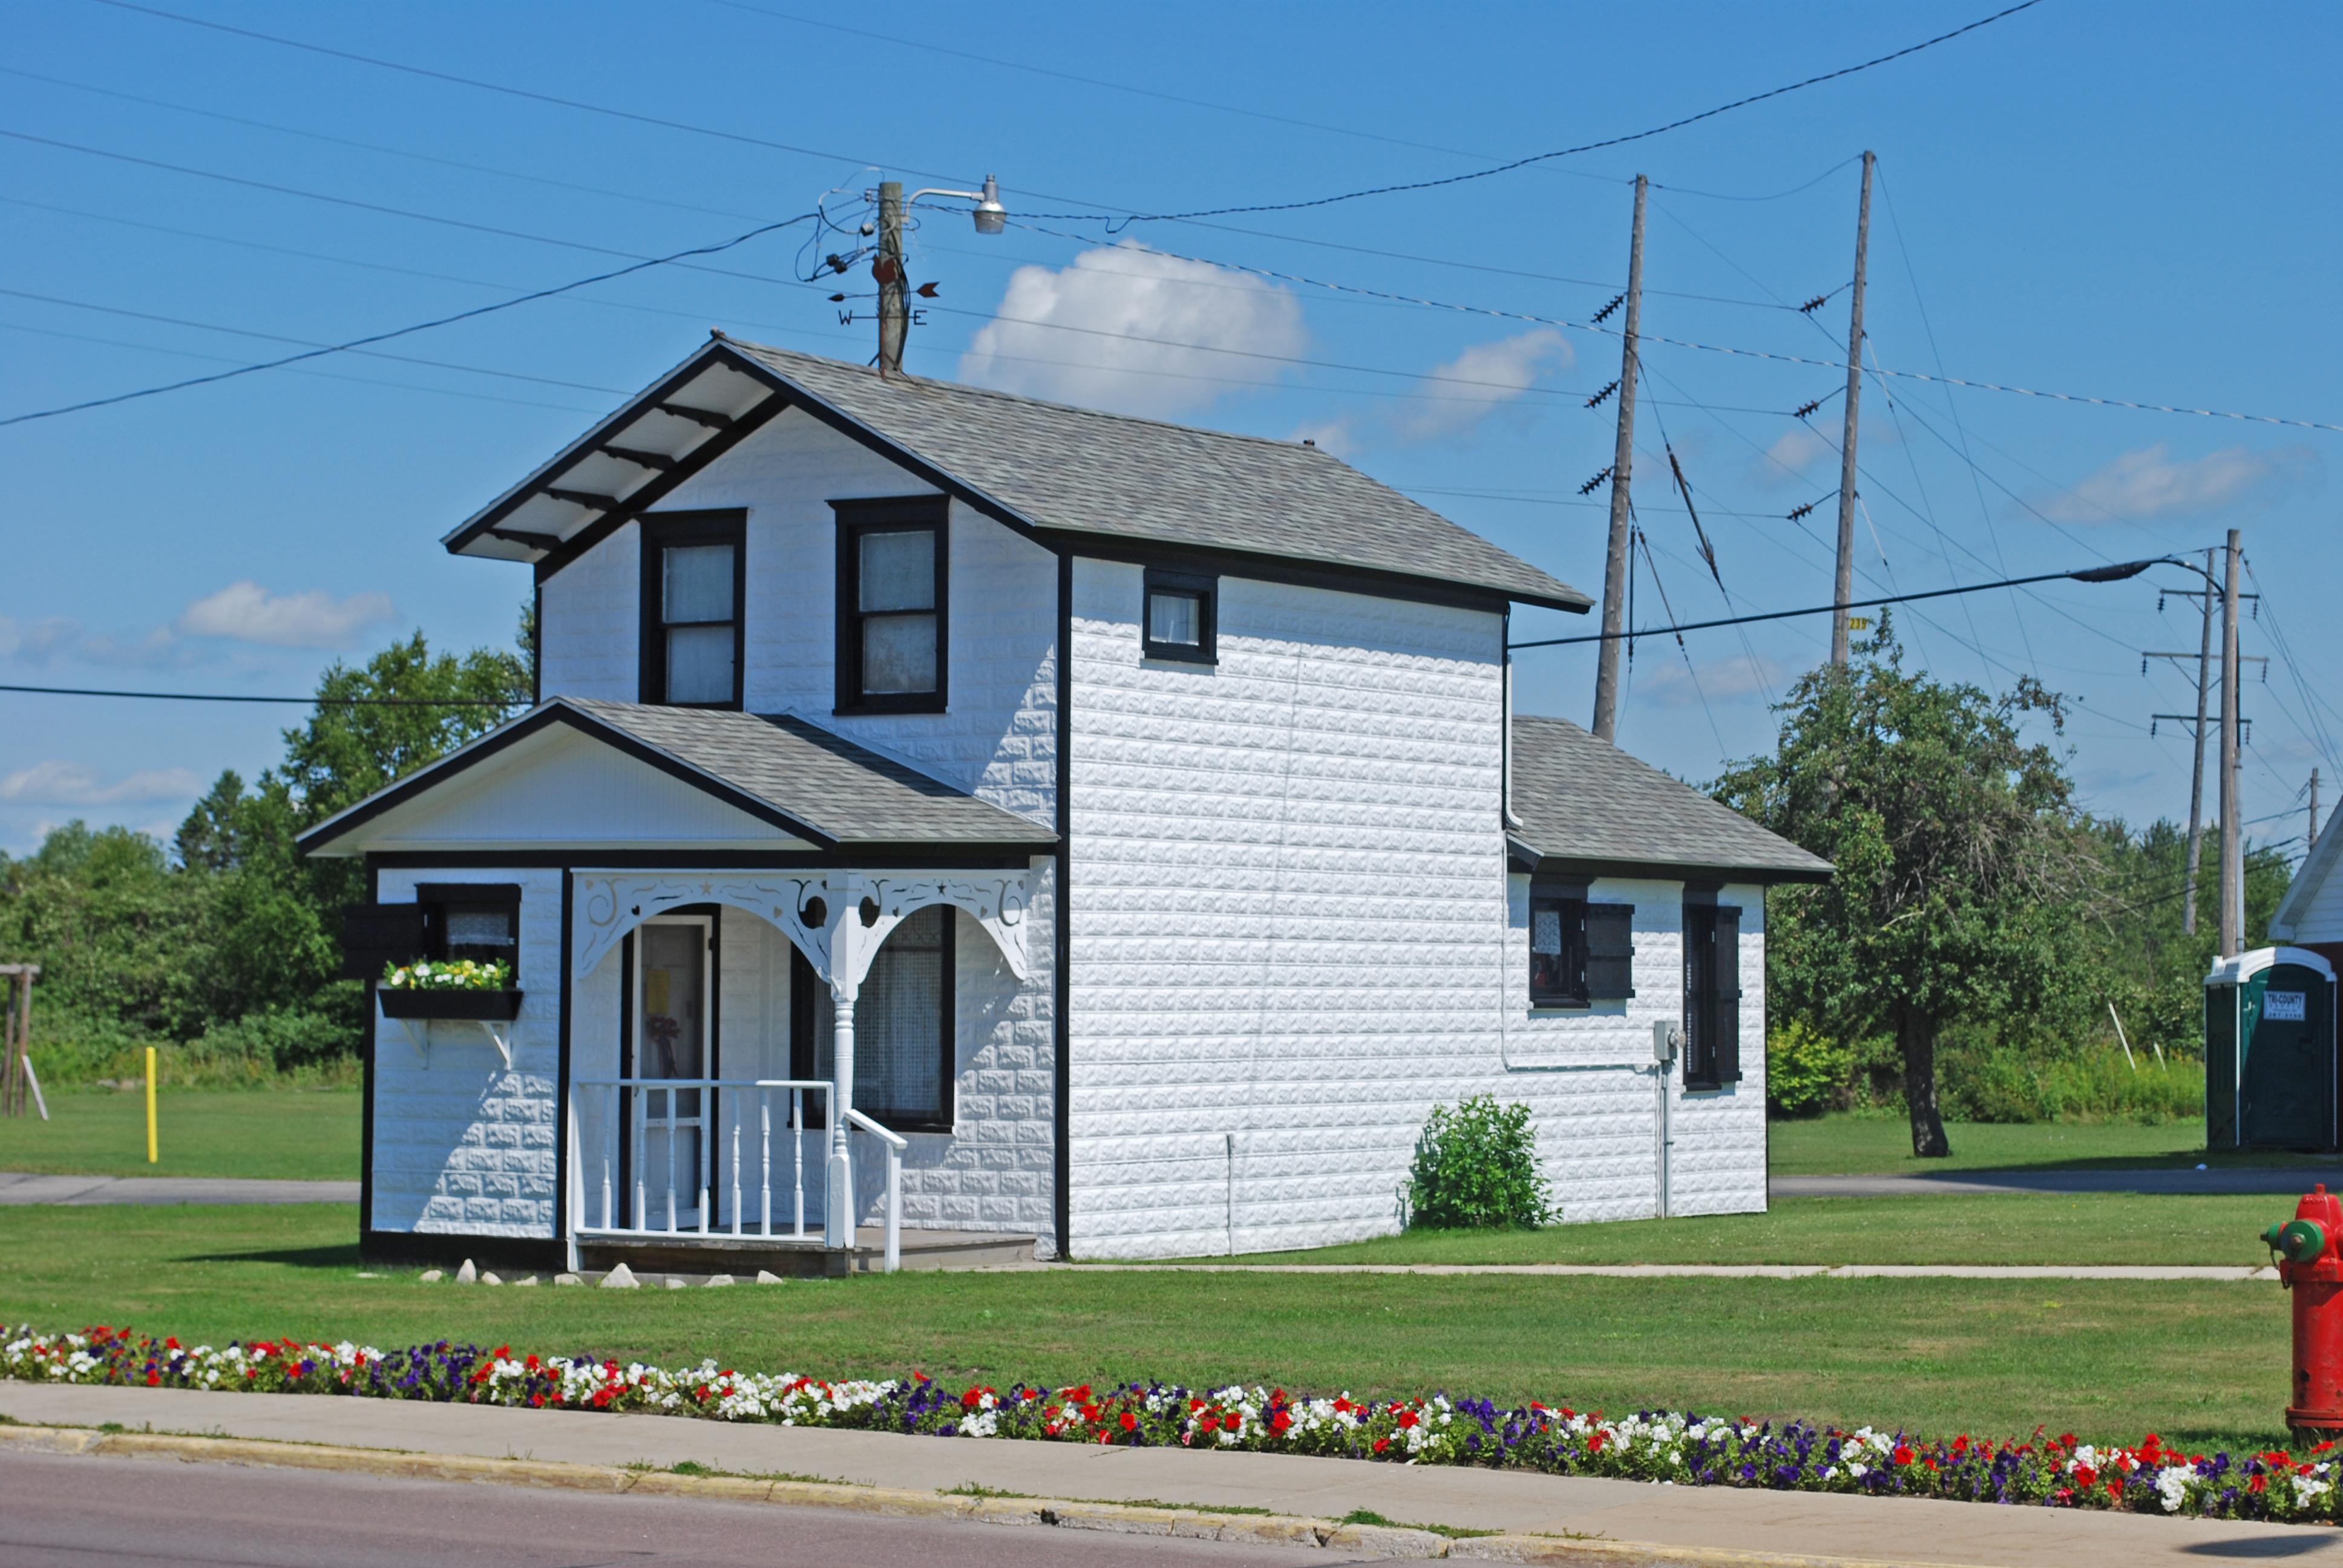 Manistique (MI) United States  City pictures : Description Manistique Pumping Station House Manistique MI 2009